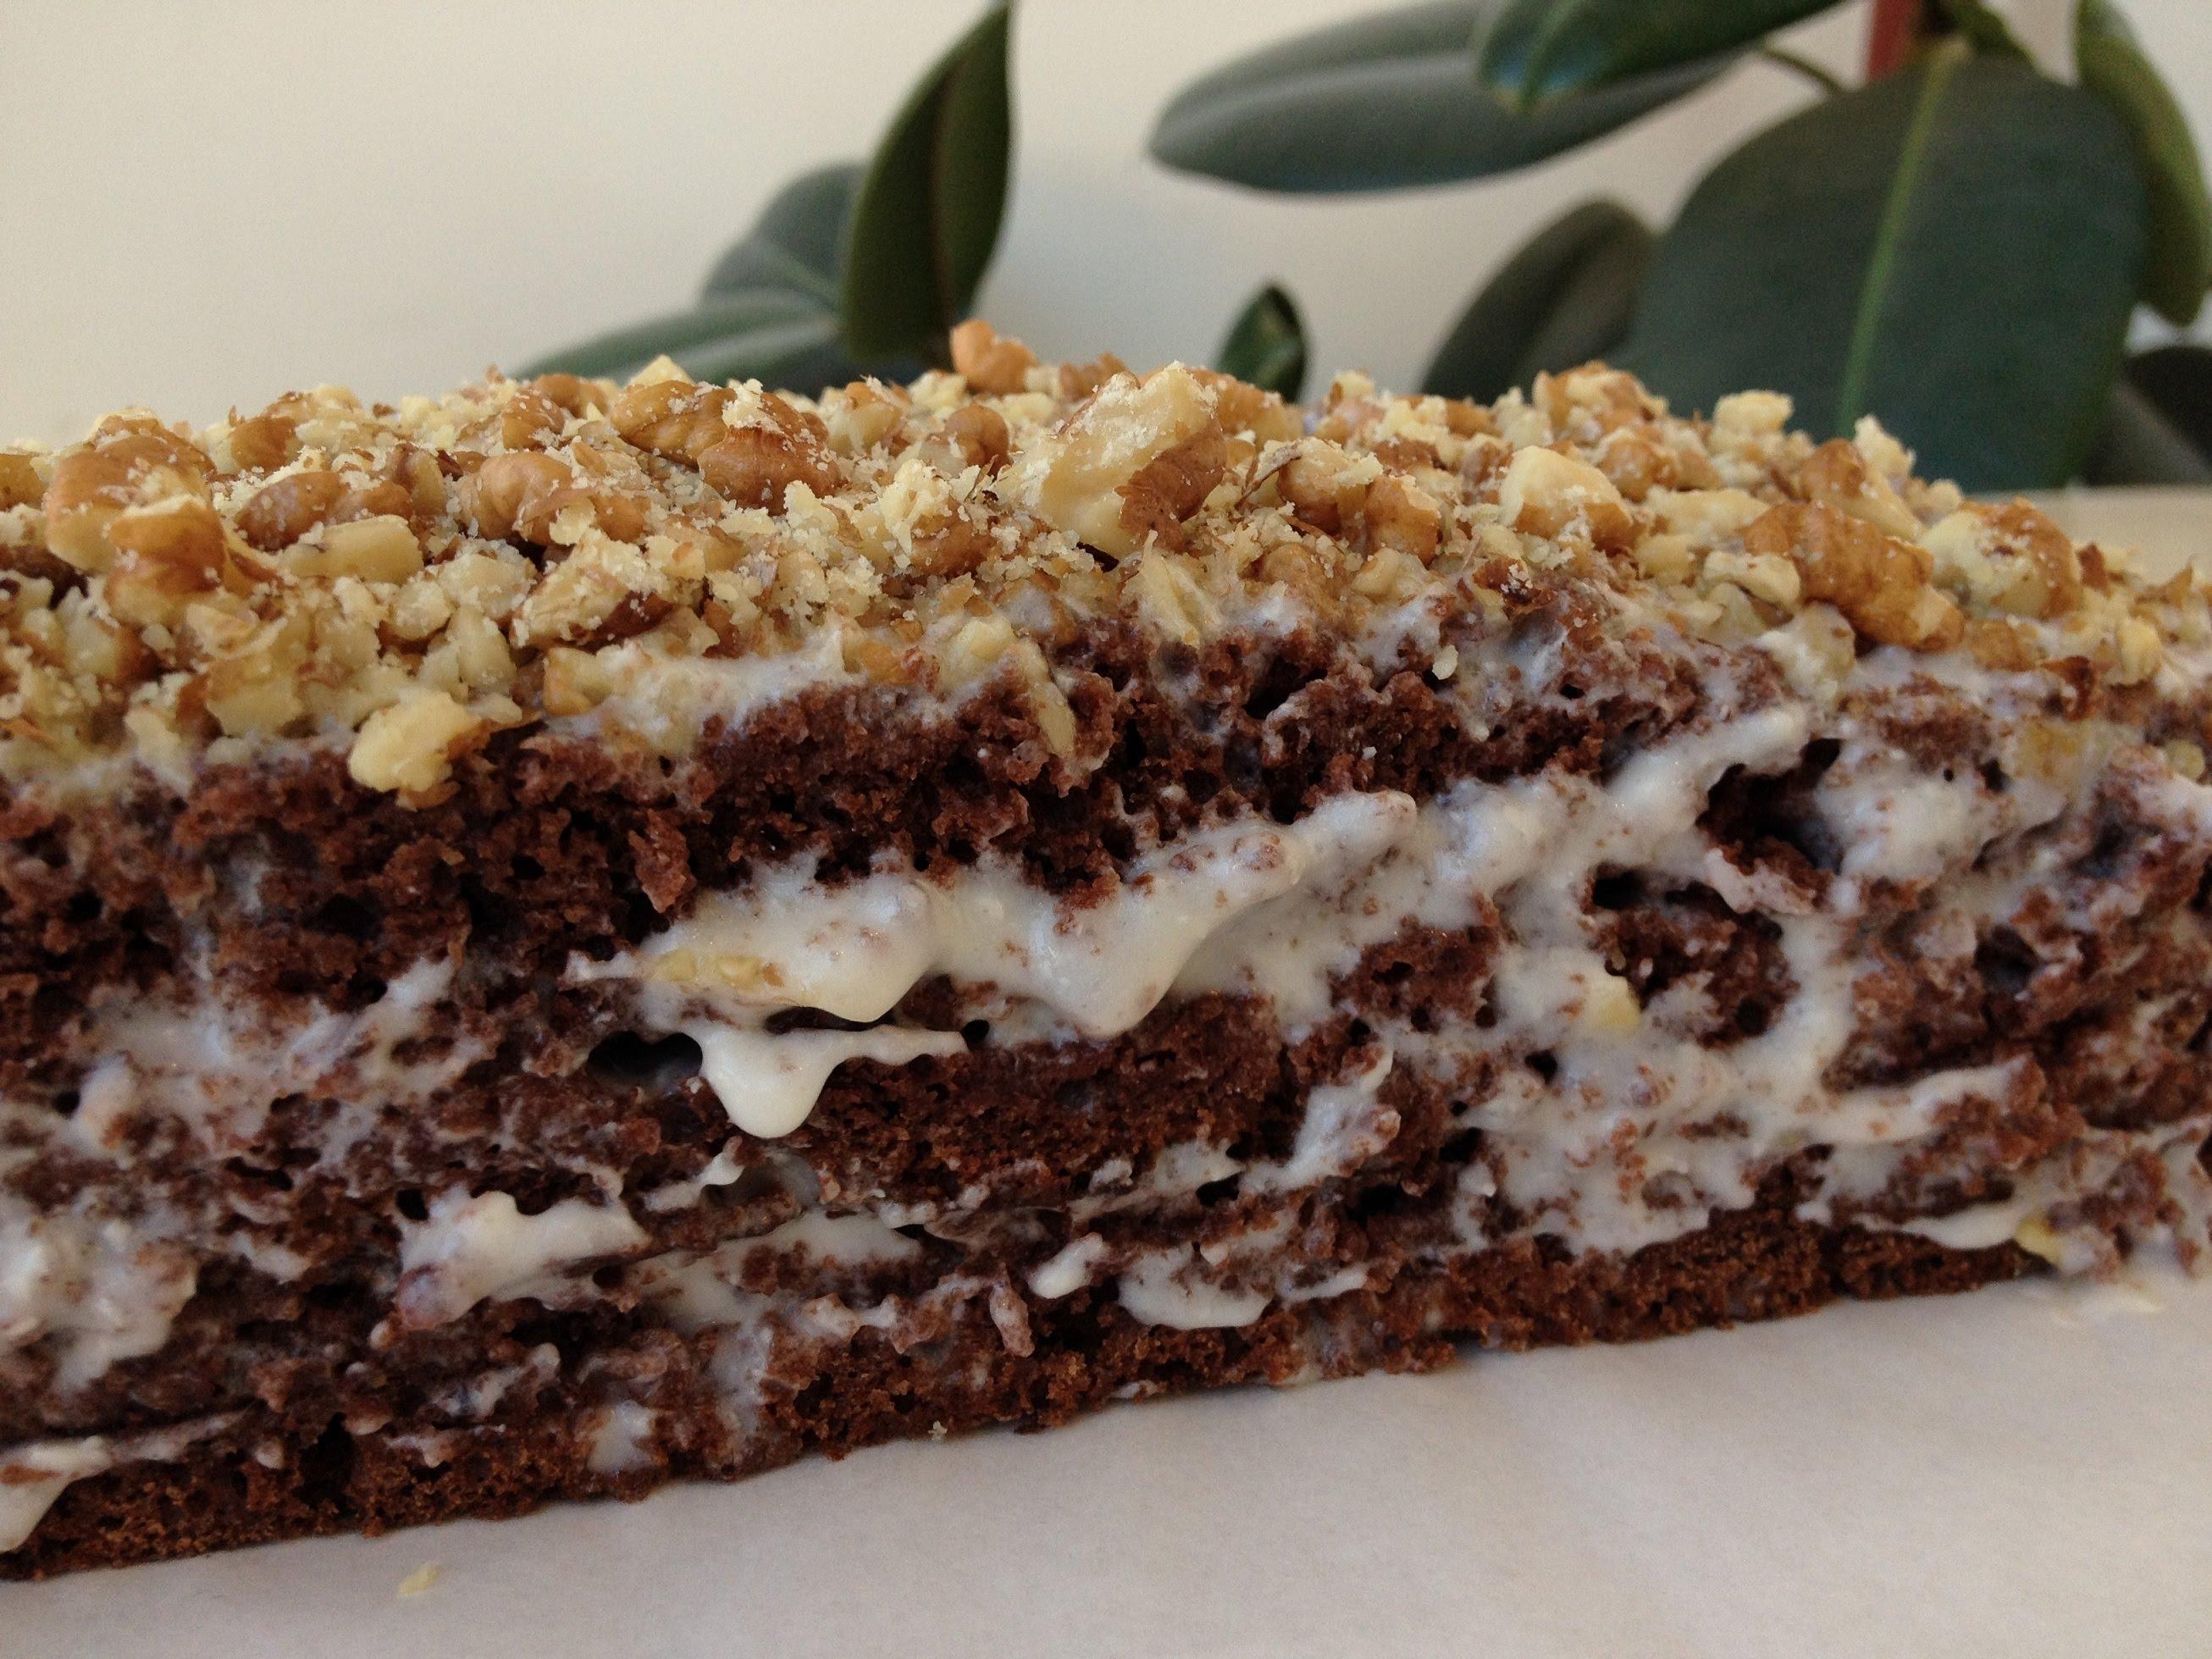 Чтобы помочь вам в этом деле, мы собрали рецепты самых вкусных тортов со всего мира – с фото, легкой пошаговой инструкцией и подробным описанием ингредиентов.